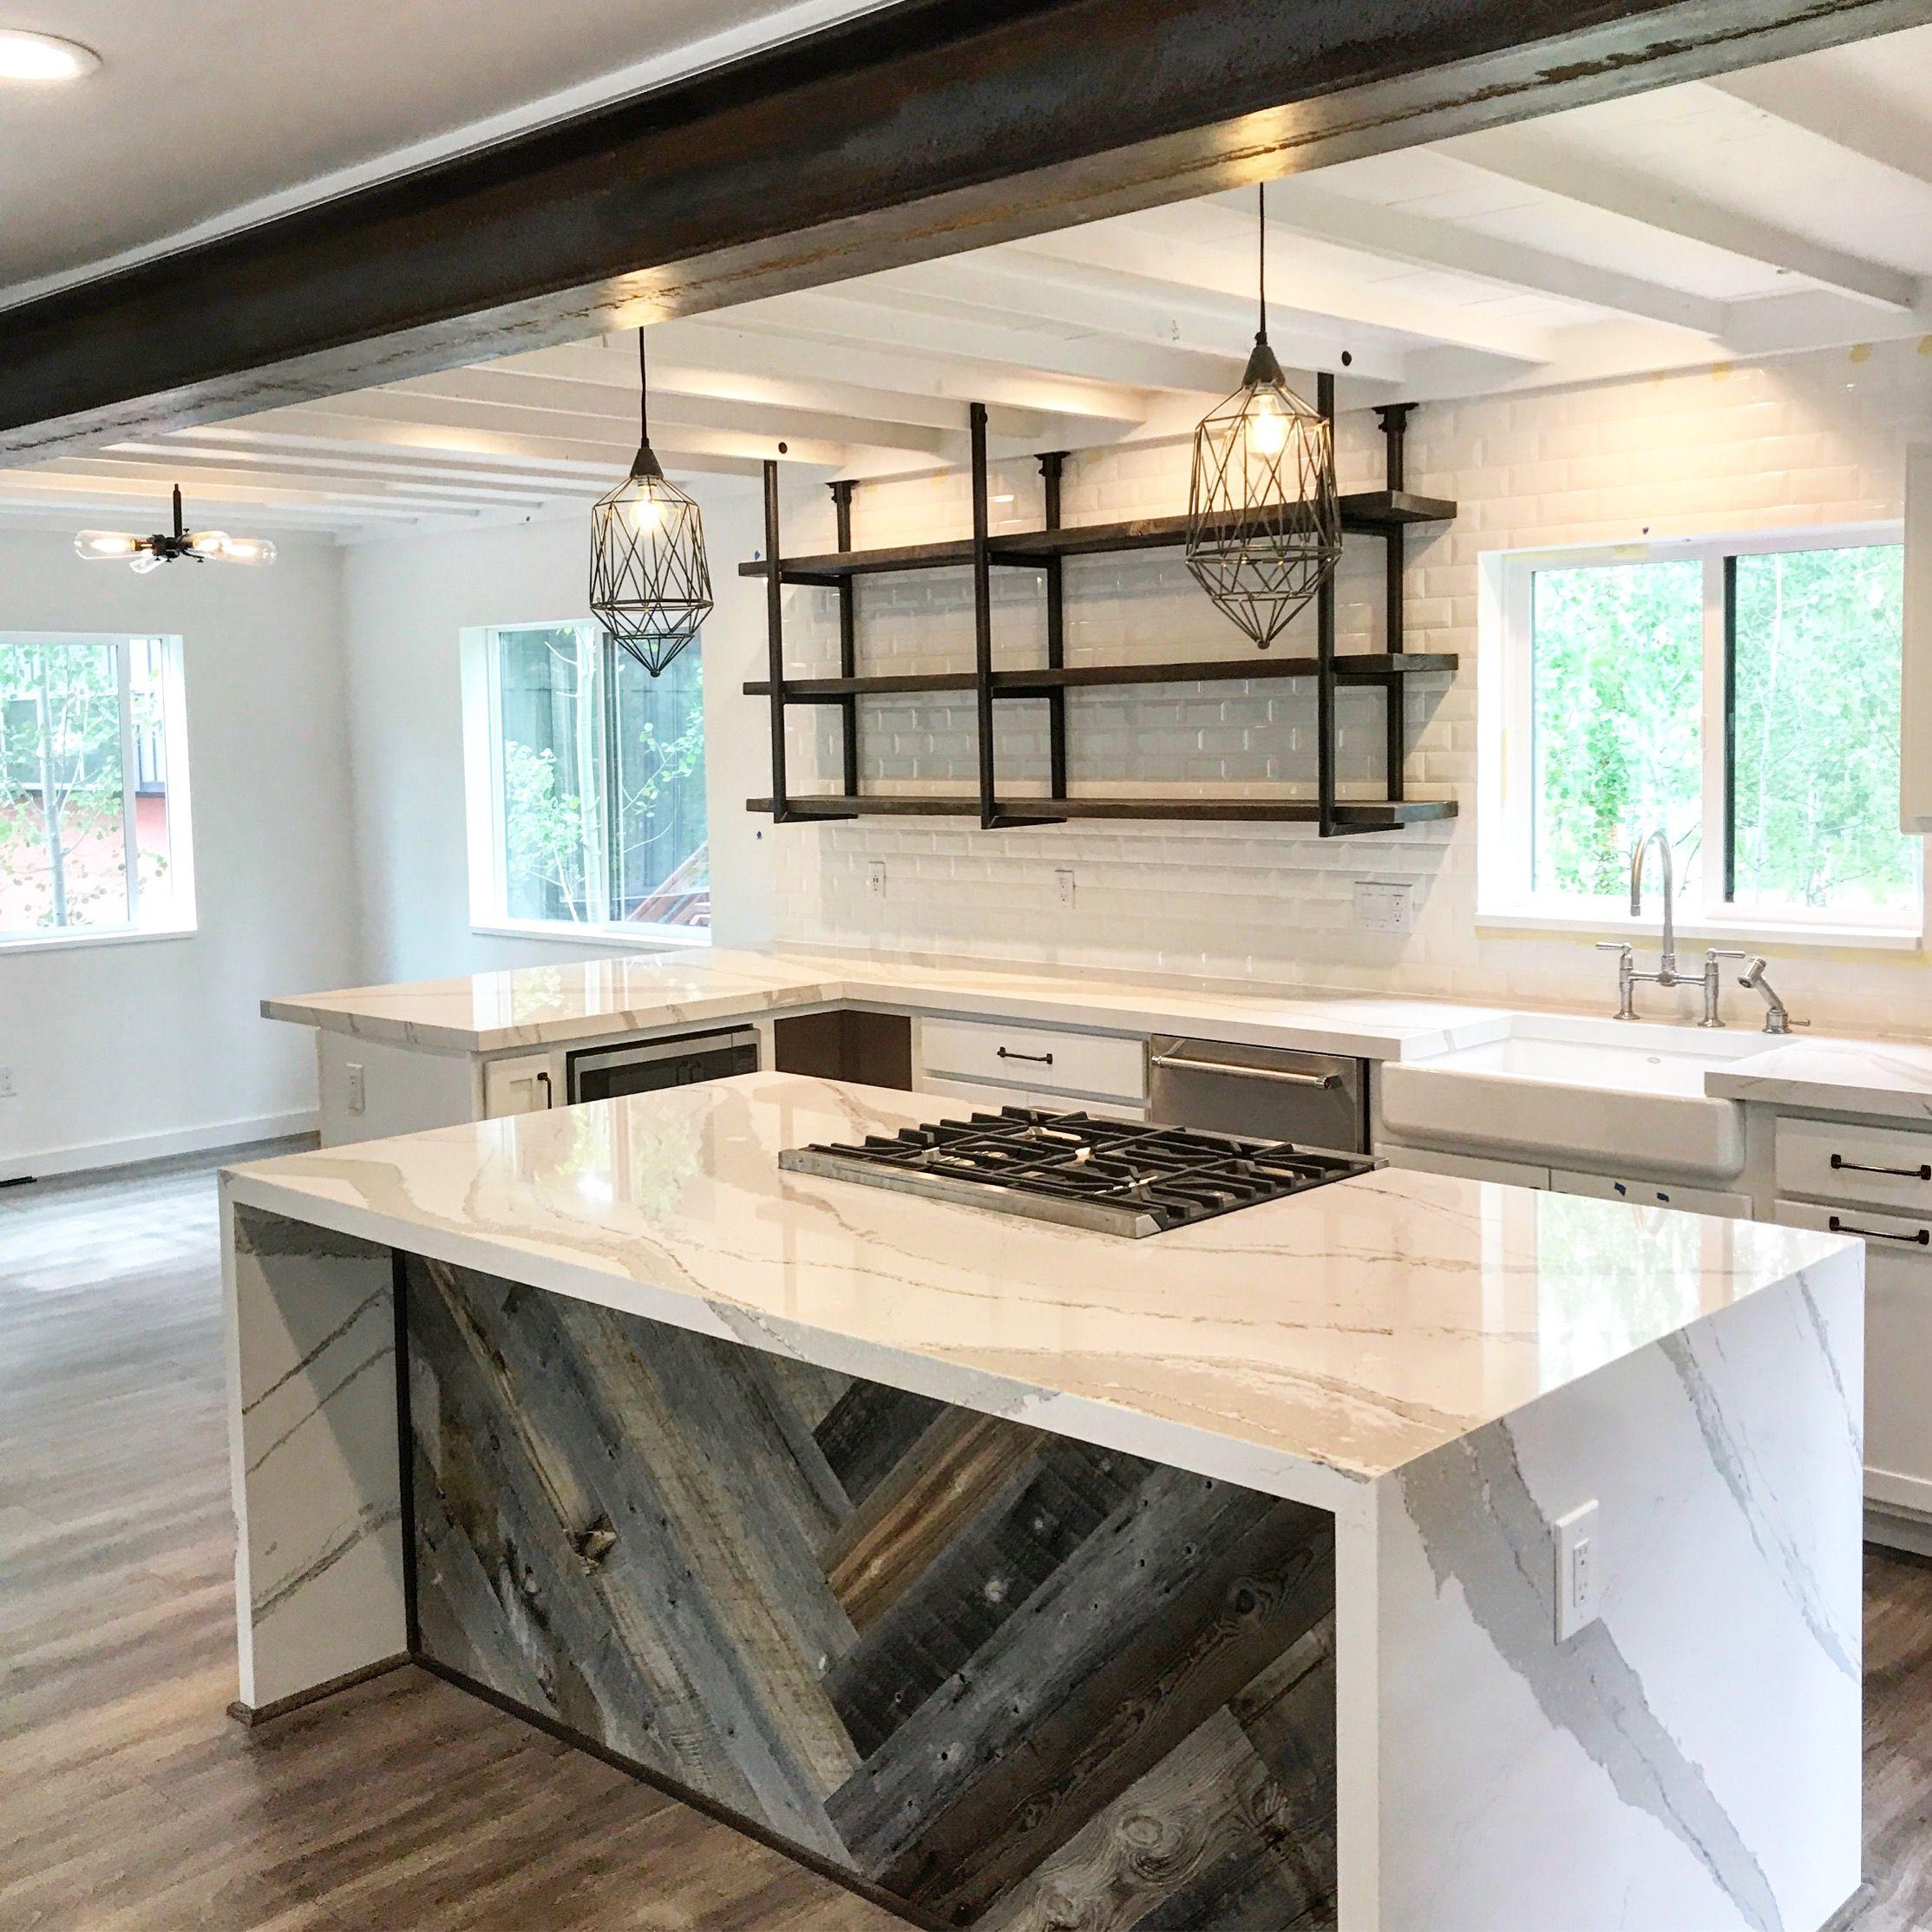 Dream Kitchen - Amy Purdy's Kitchen